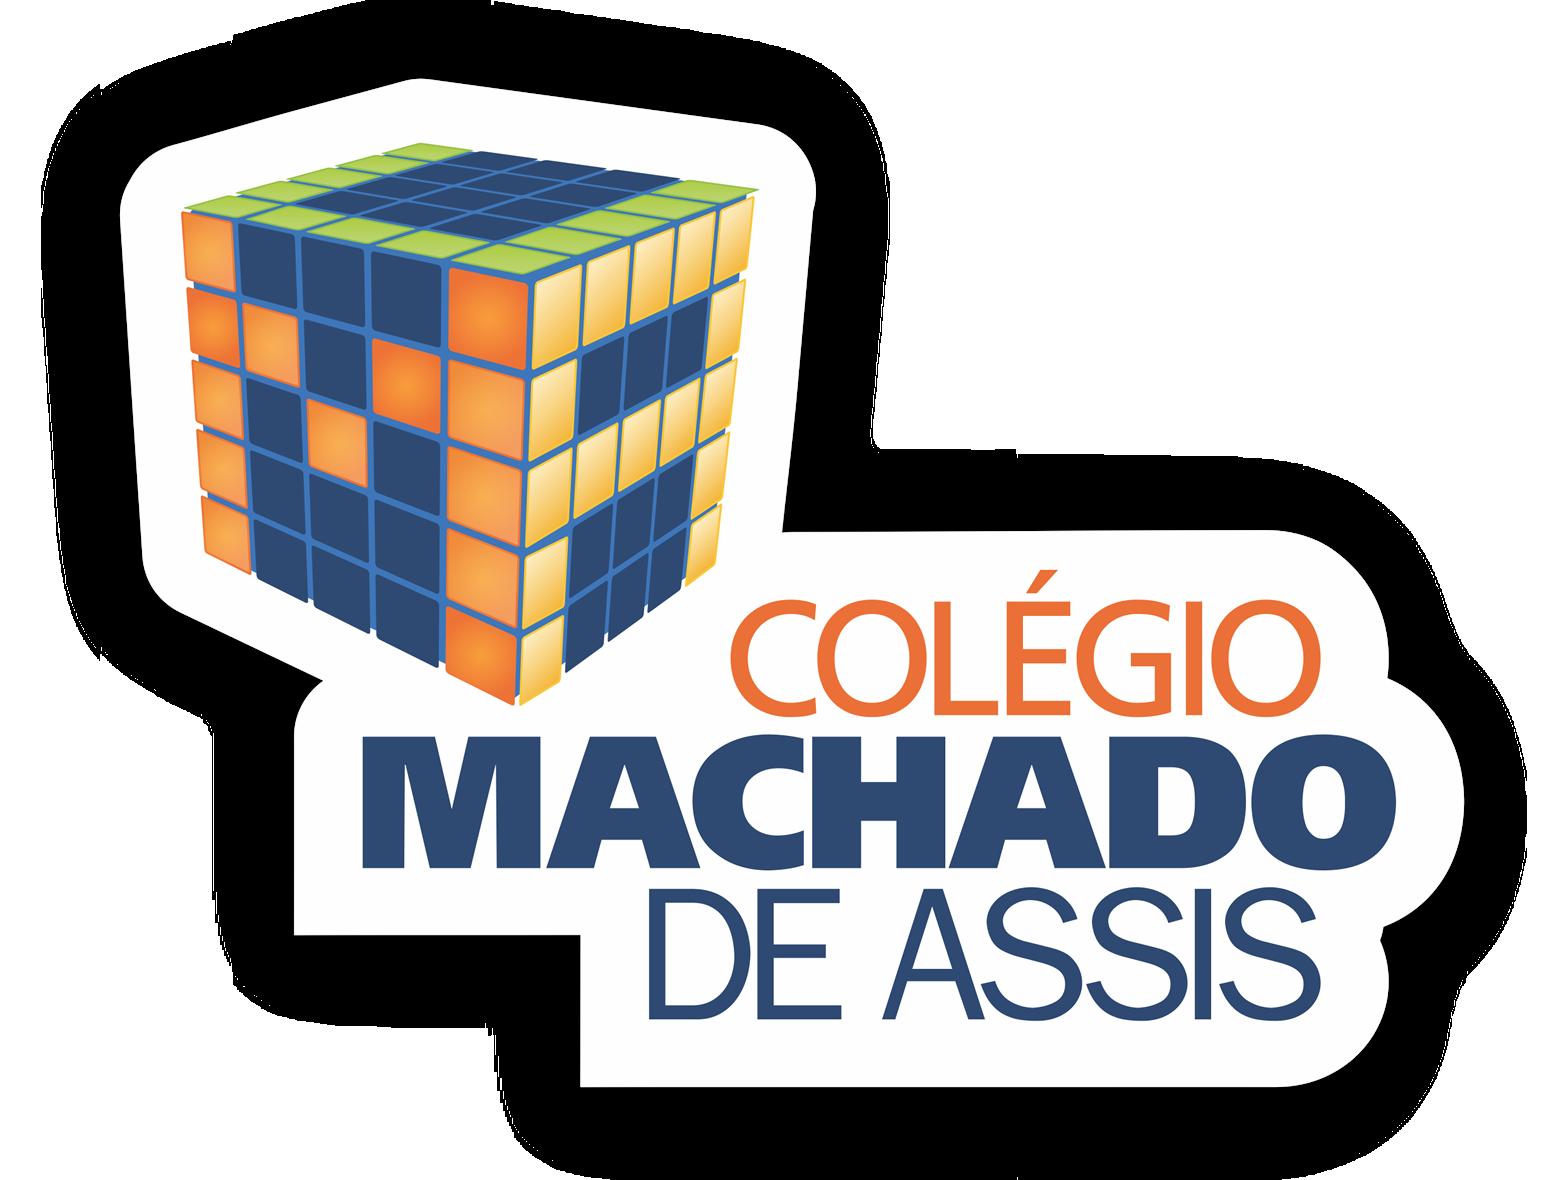 Colégio Machado